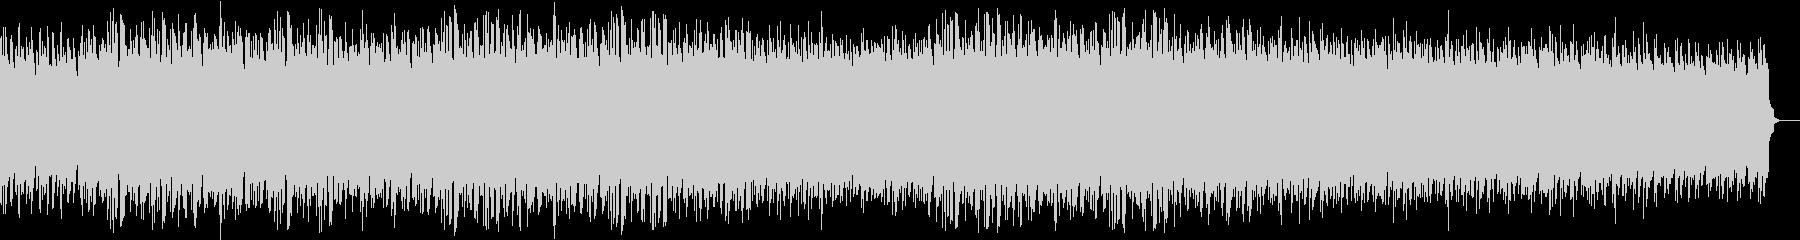 ピアノベースのエレクトロの未再生の波形